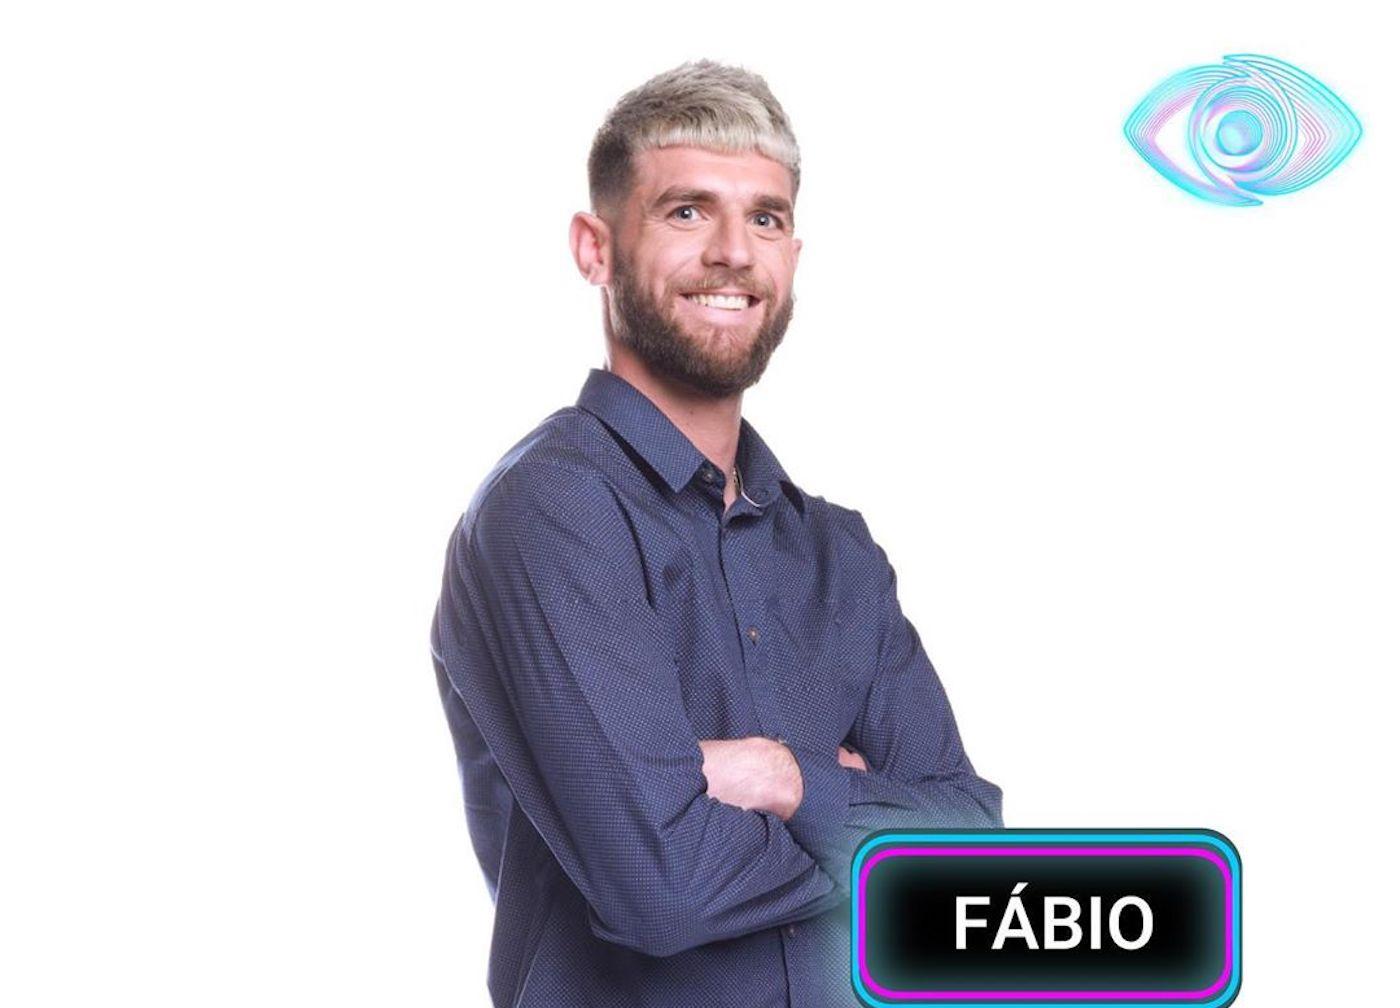 Fabio Big Brother Fábio É O Primeiro Concorrente Expulso Do Big Brother 2020